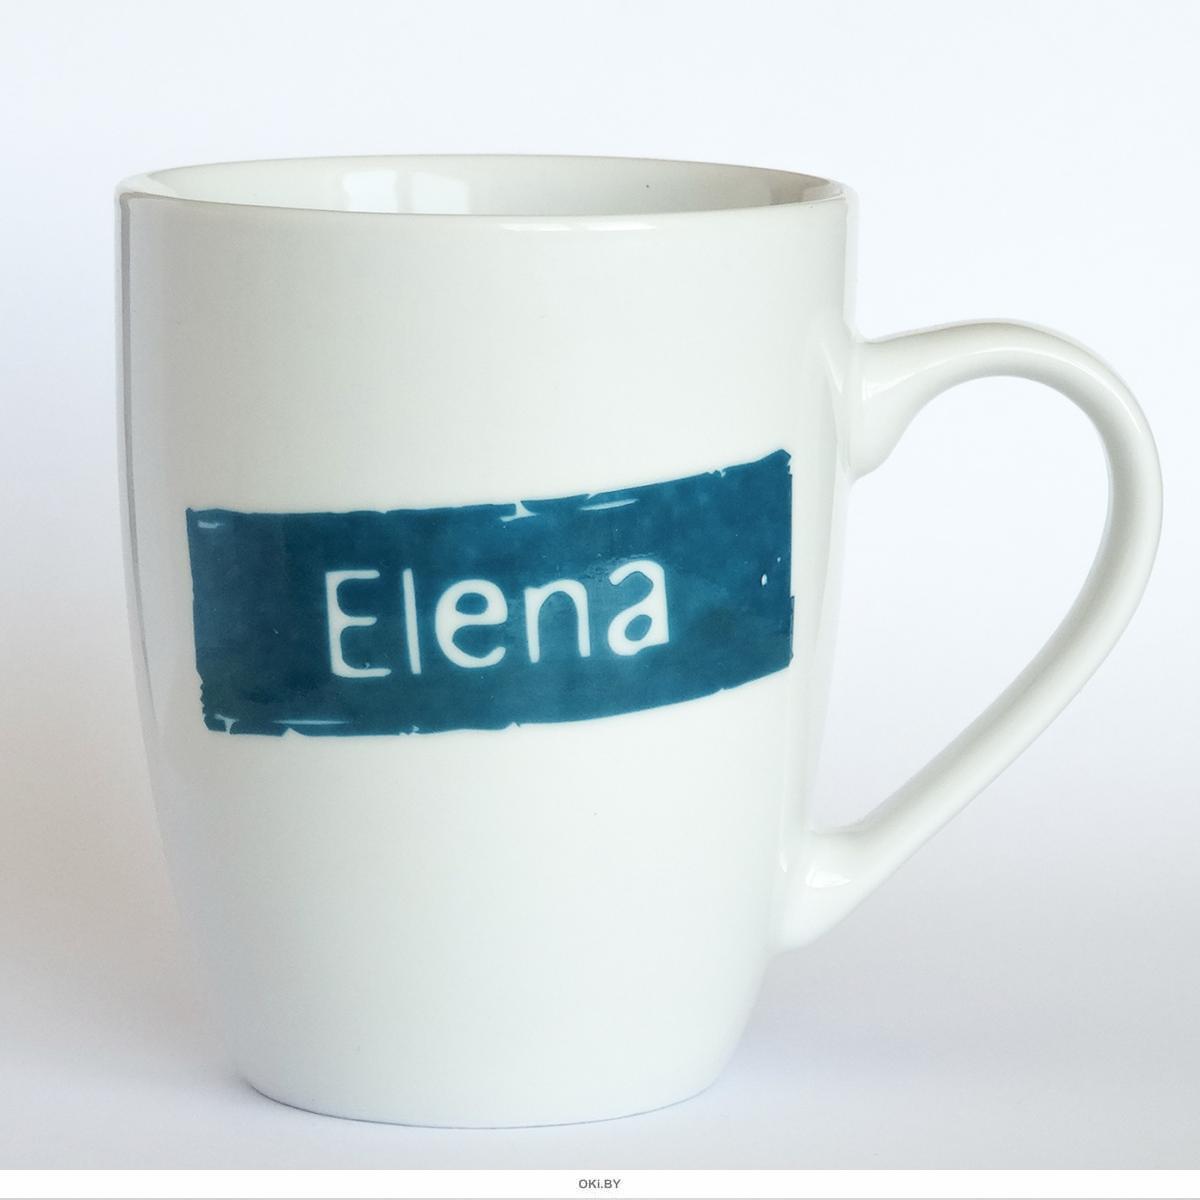 Кружка керамическая с лого ELENA